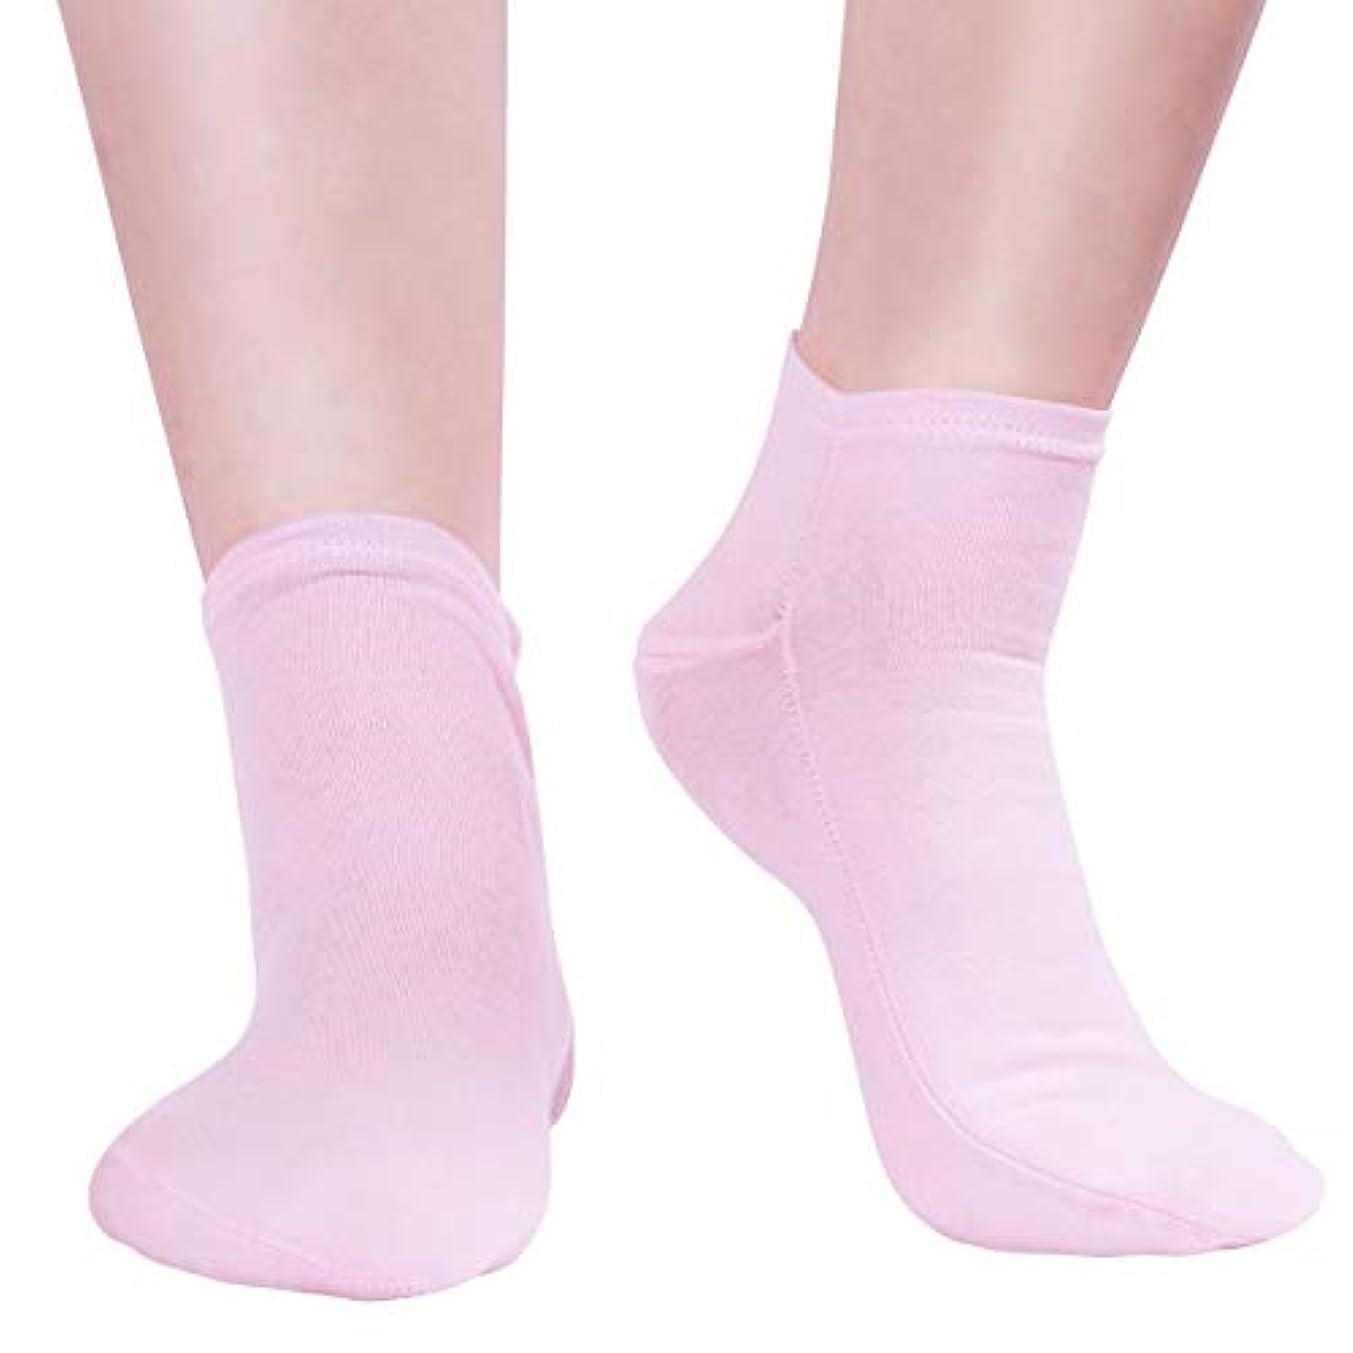 対立マナーライターFrcolor ジェルソックス 靴下 保湿 足保護 かかとケア 乾燥 角質ケア 美容 潤い 柔らかい 対策 男女兼用 旅行用 1足(ピンク)